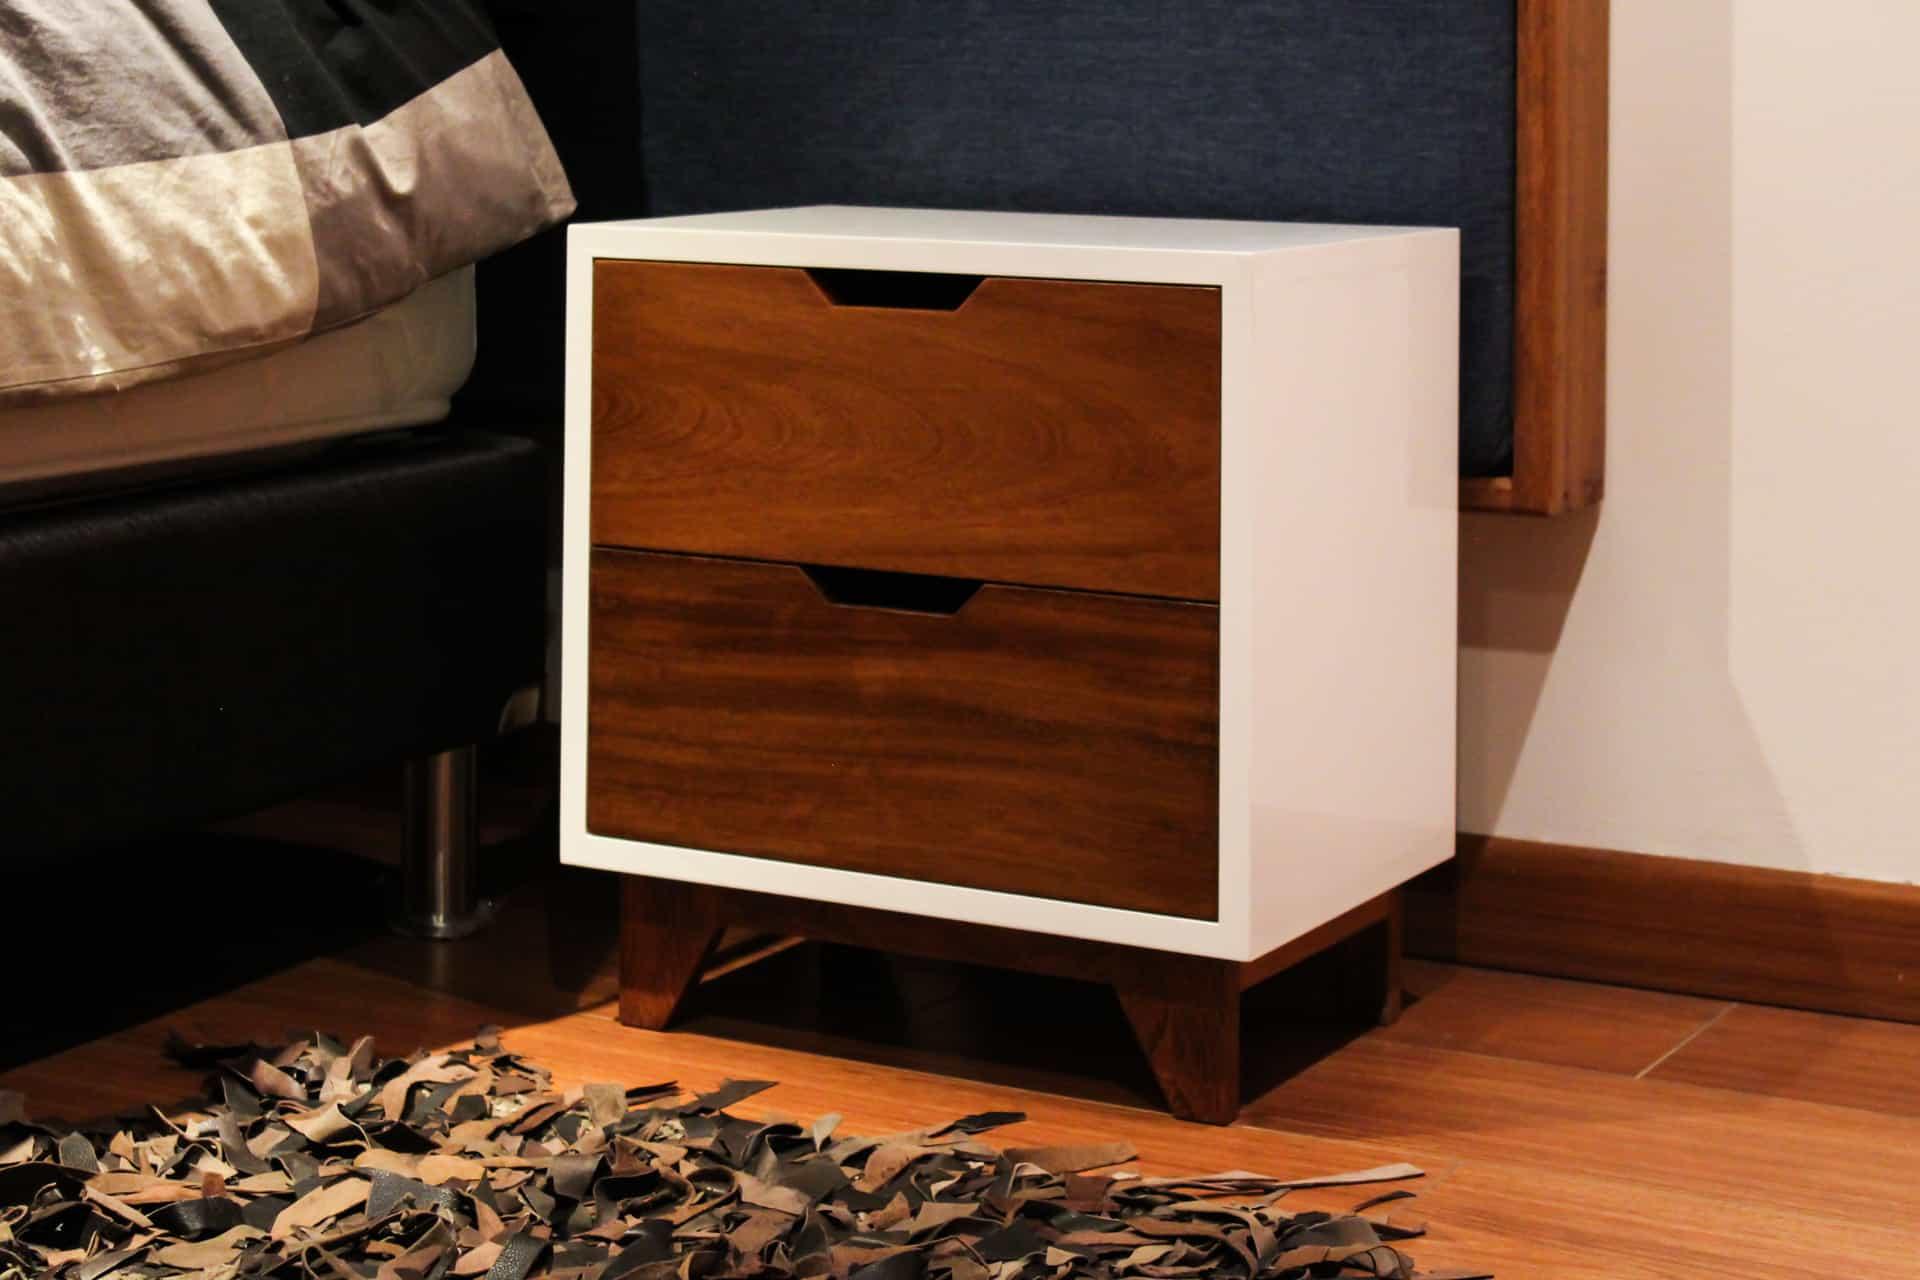 VAAM Furniture Design